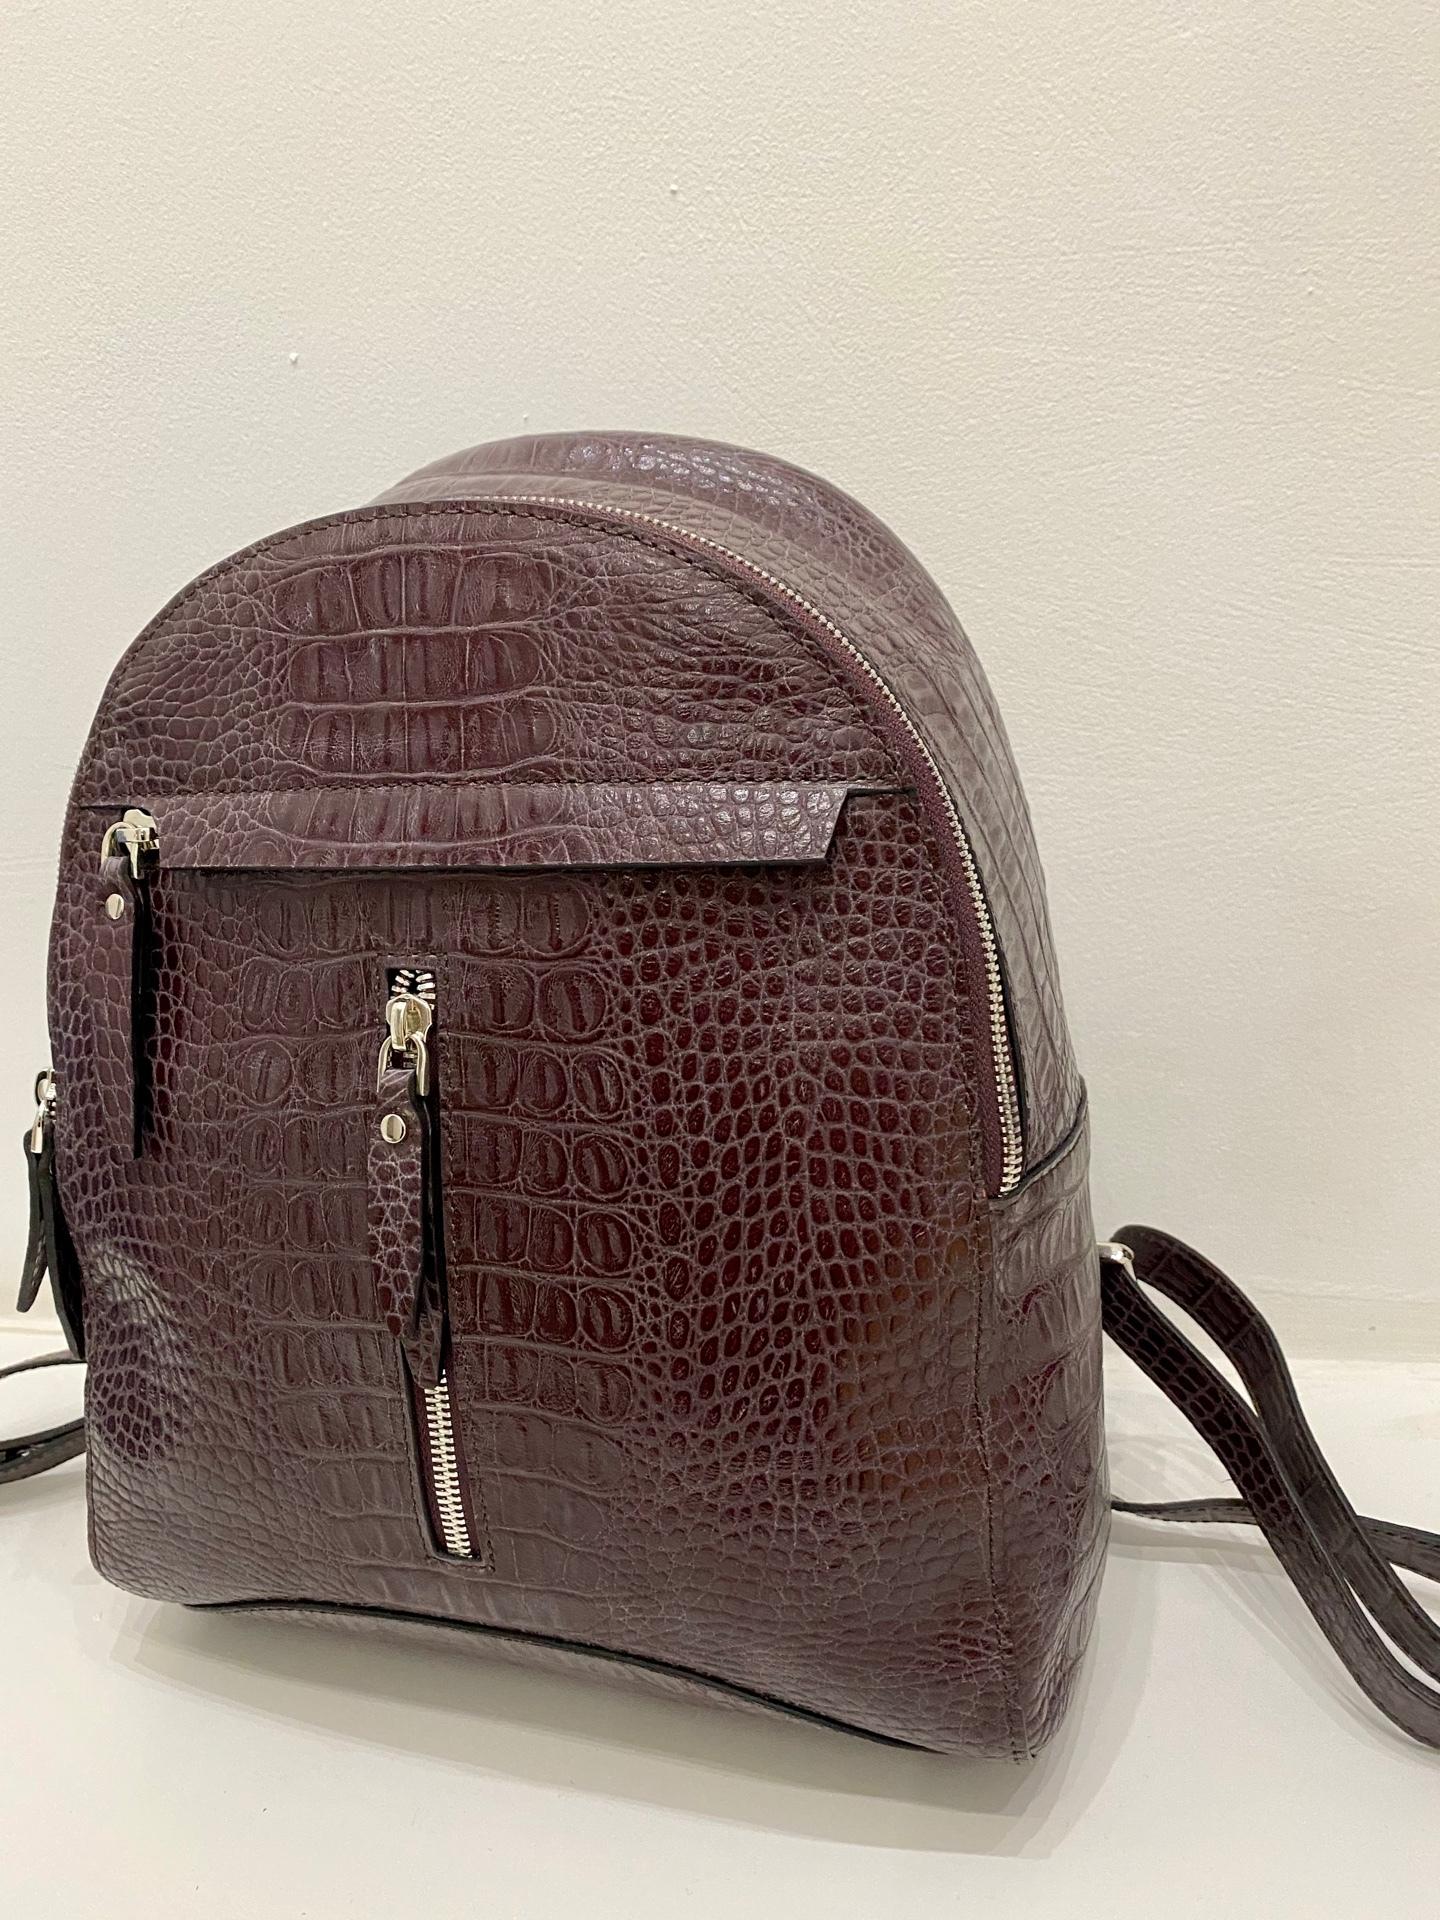 3020 Д пурпурный/аллигатор  Рюкзак